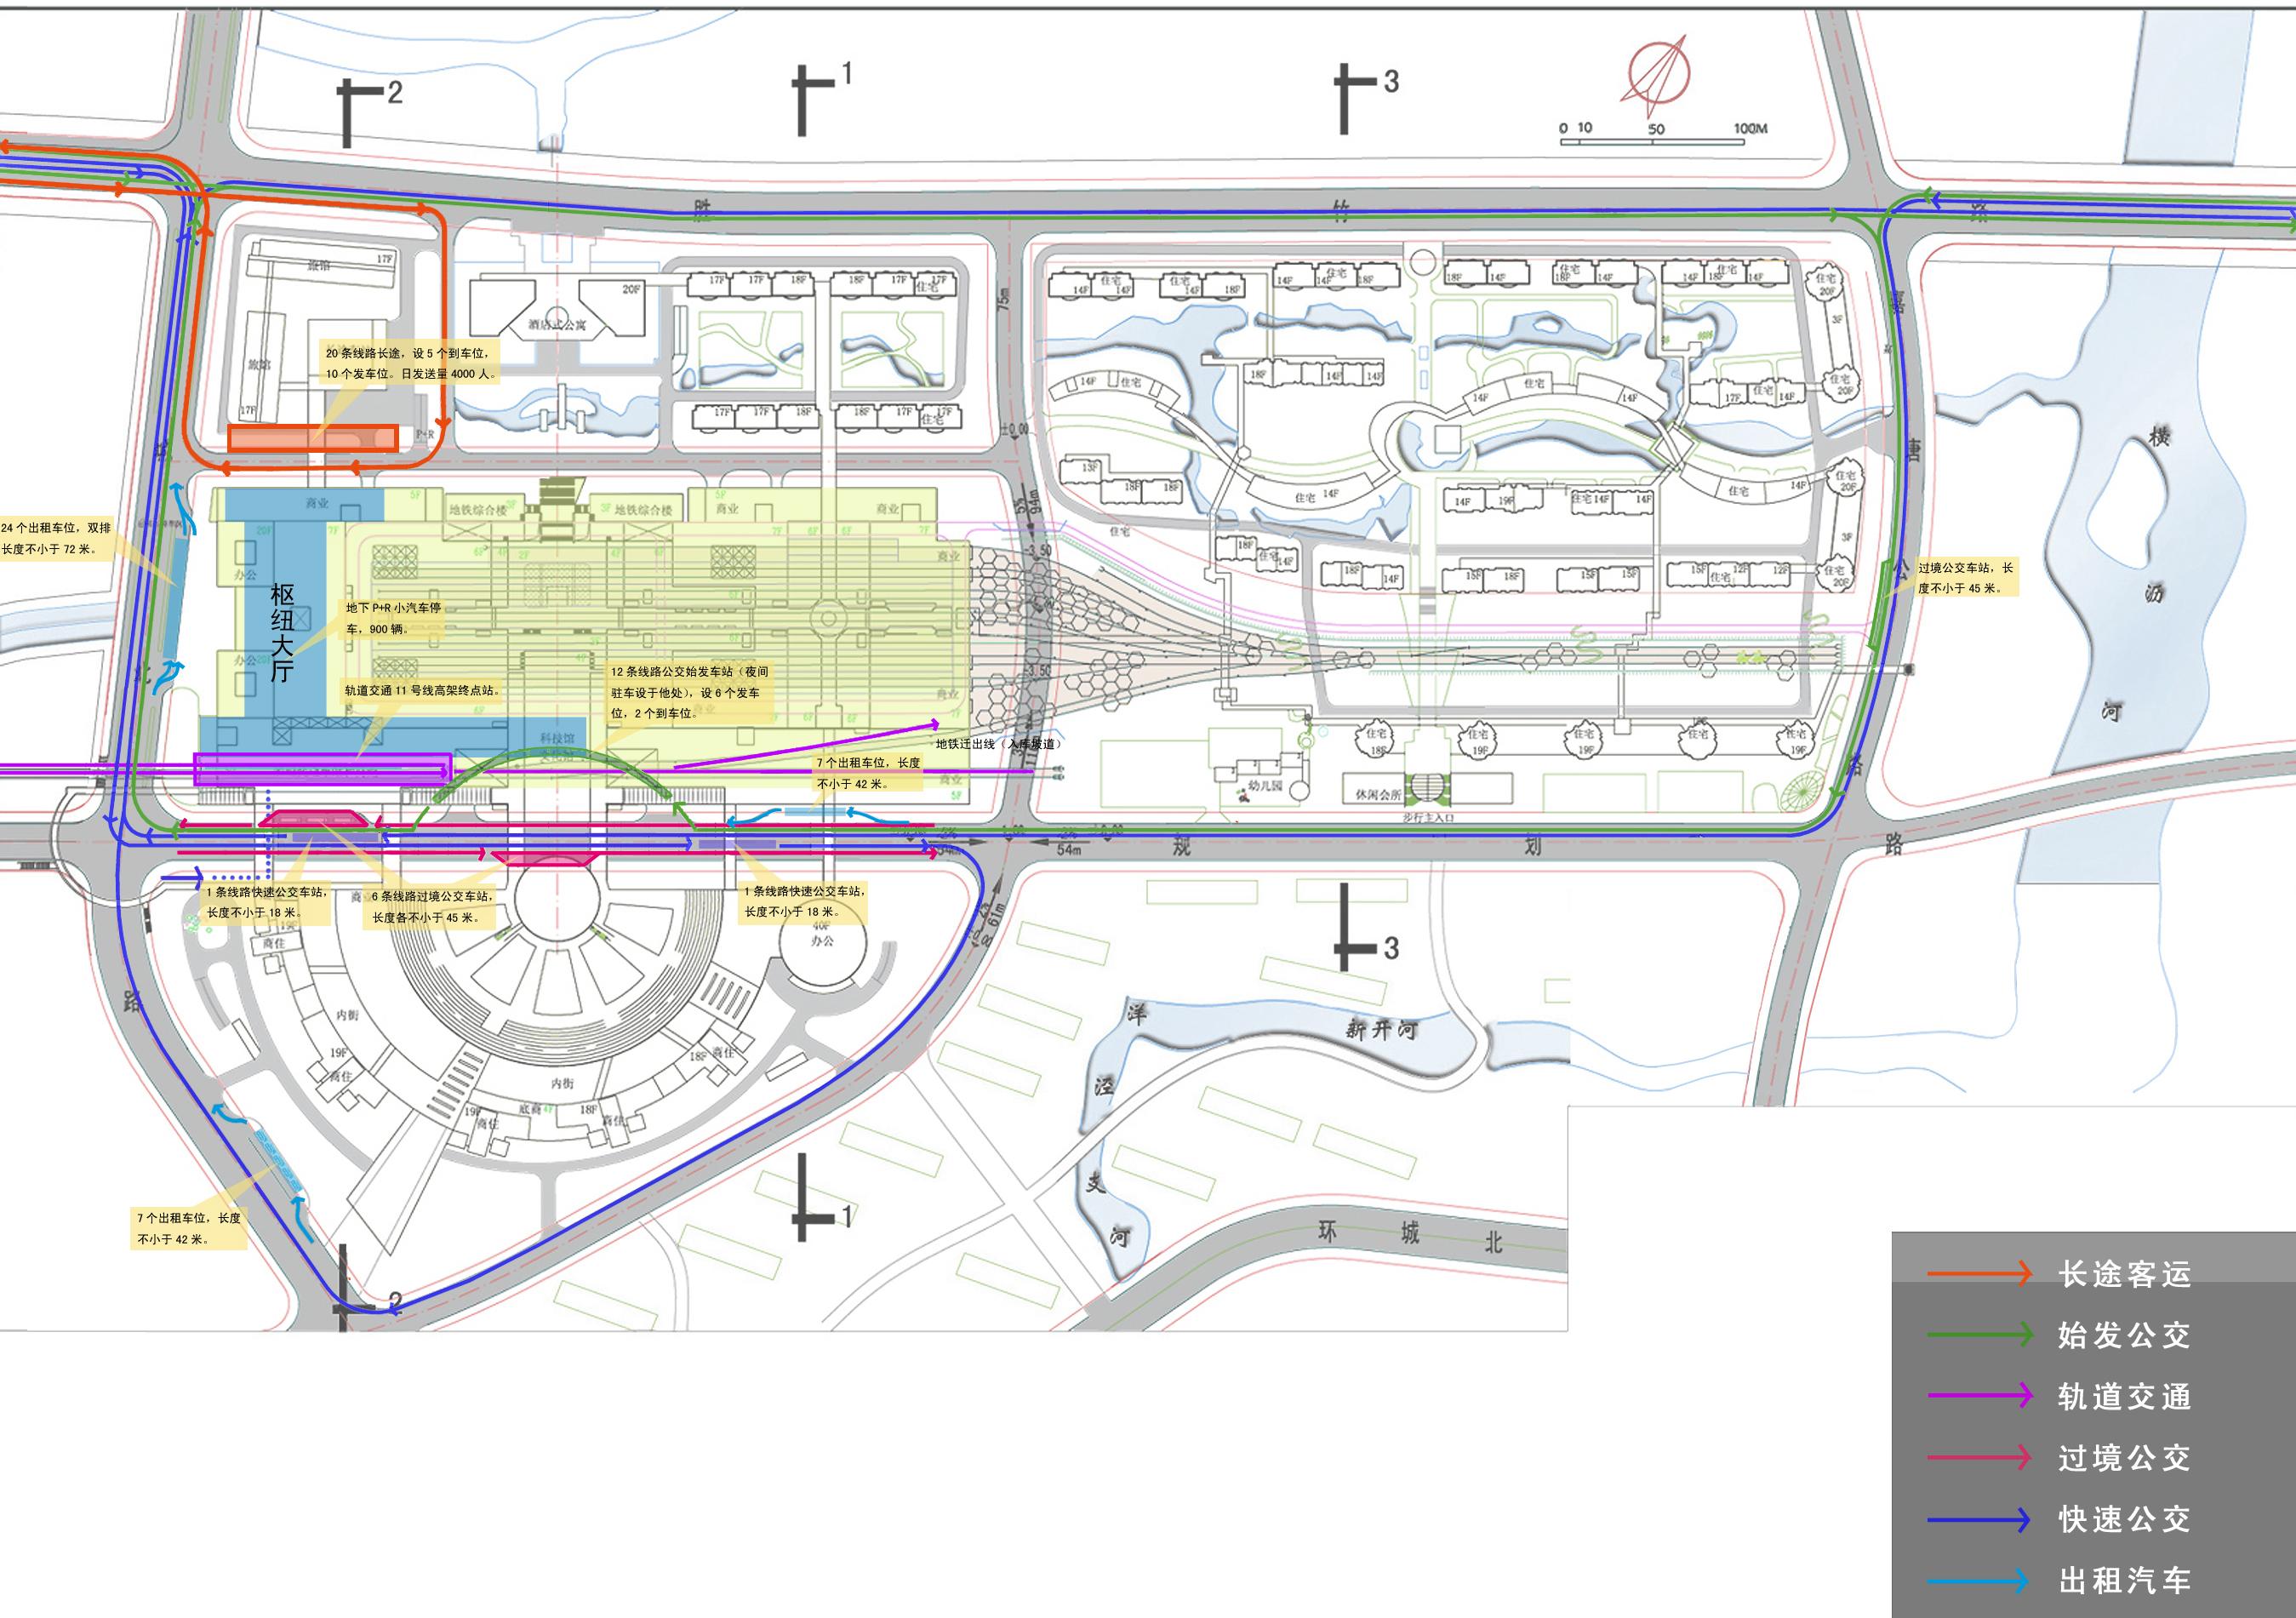 枢纽车辆组织交通分析图副本